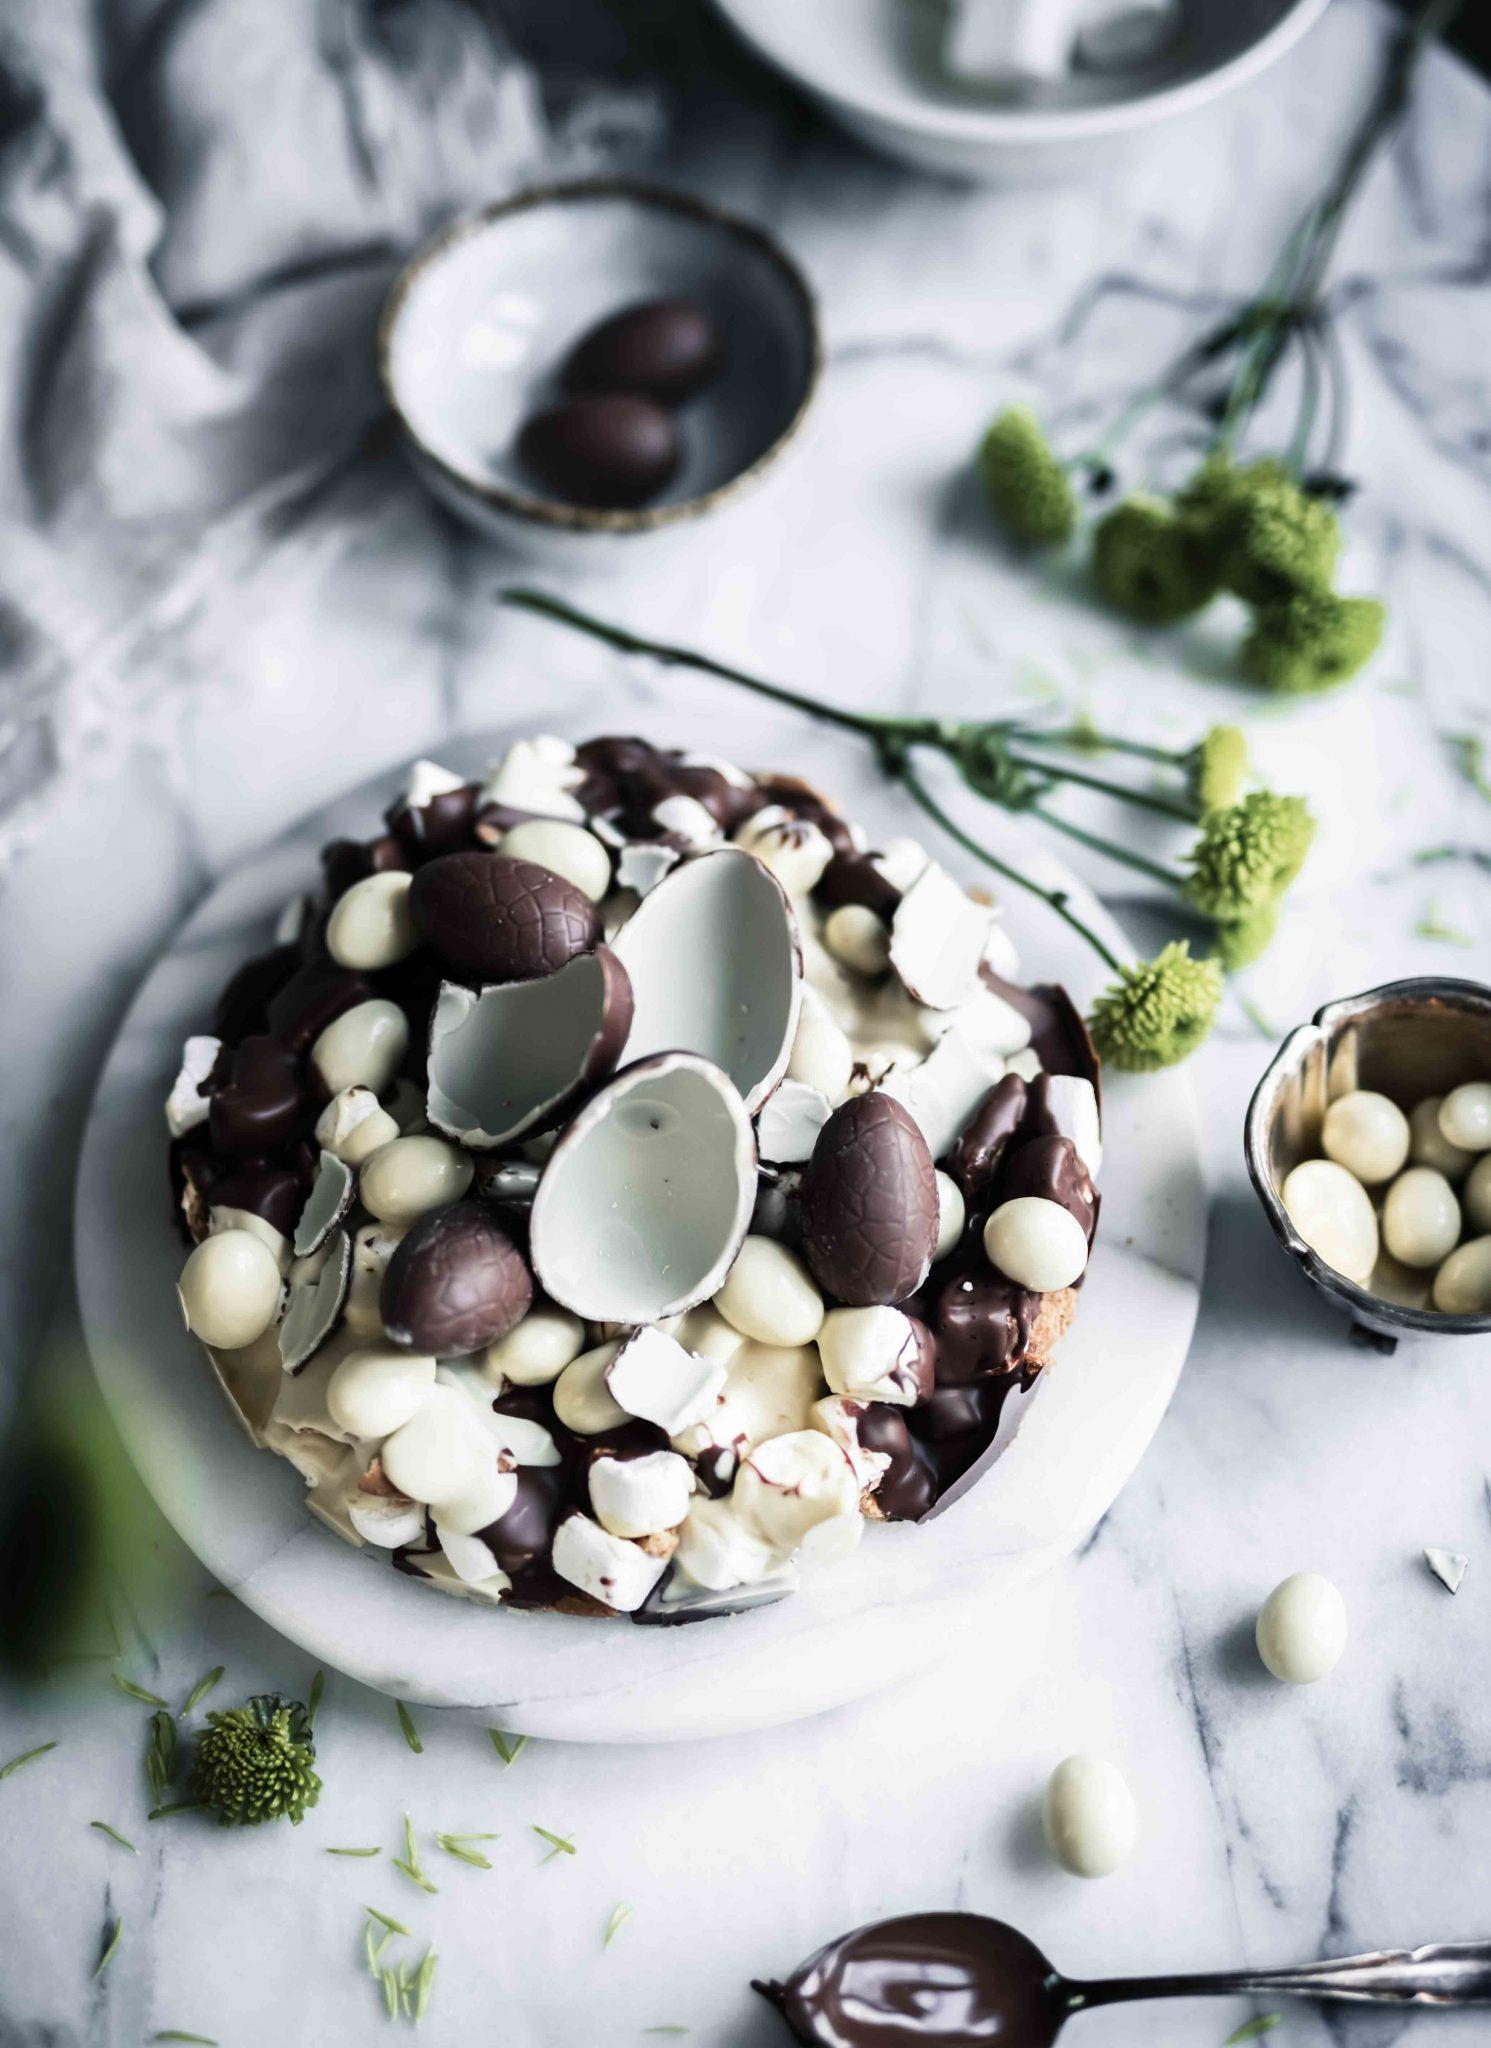 pääsiäisen suosikkireseptit